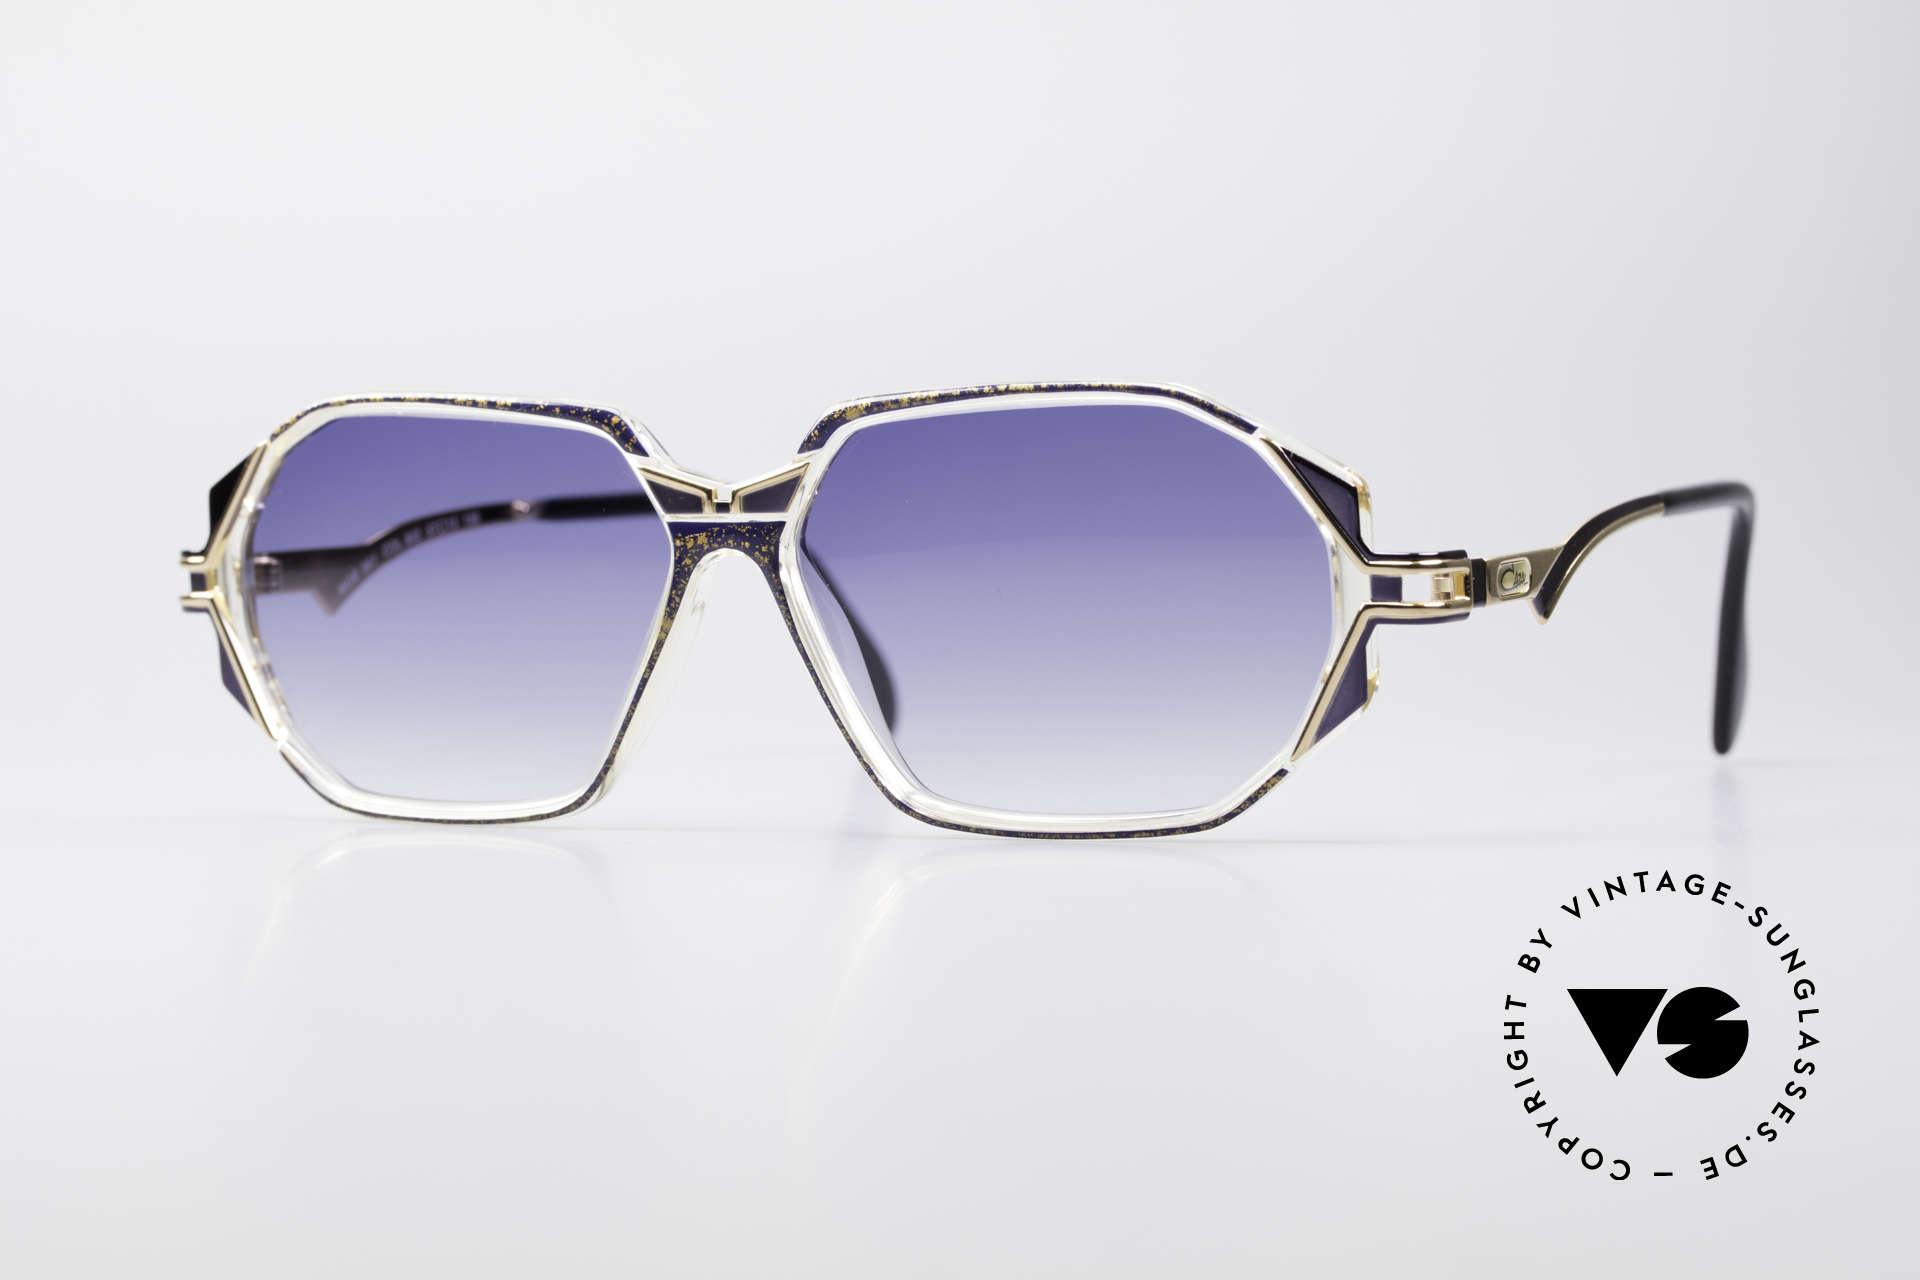 Cazal 361 Designersonnenbrille No Retro, schmuckvolles Cazal Design der frühen 90er Jahre, Passend für Damen